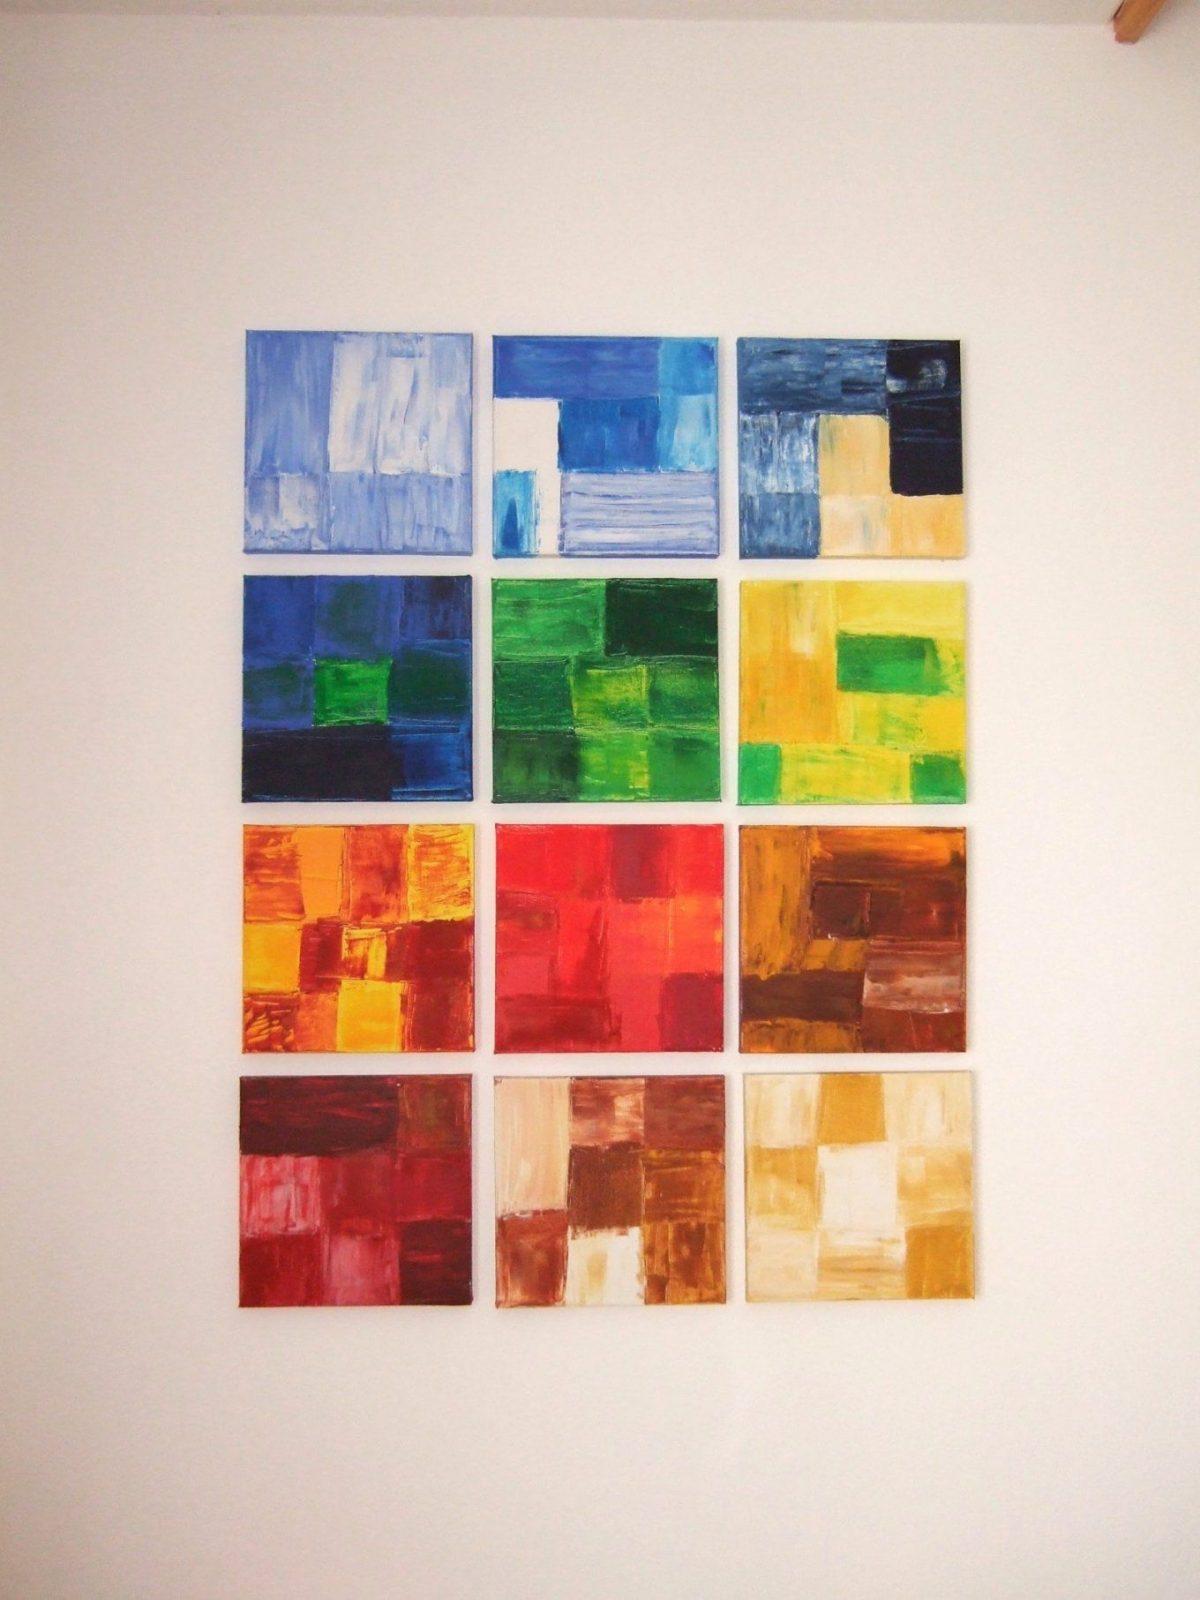 Abstrakte Acrylbilder Vorlagen Mit Pin Von Jane Permoda Auf Art Avec von Acrylbilder Selber Malen Vorlagen Photo